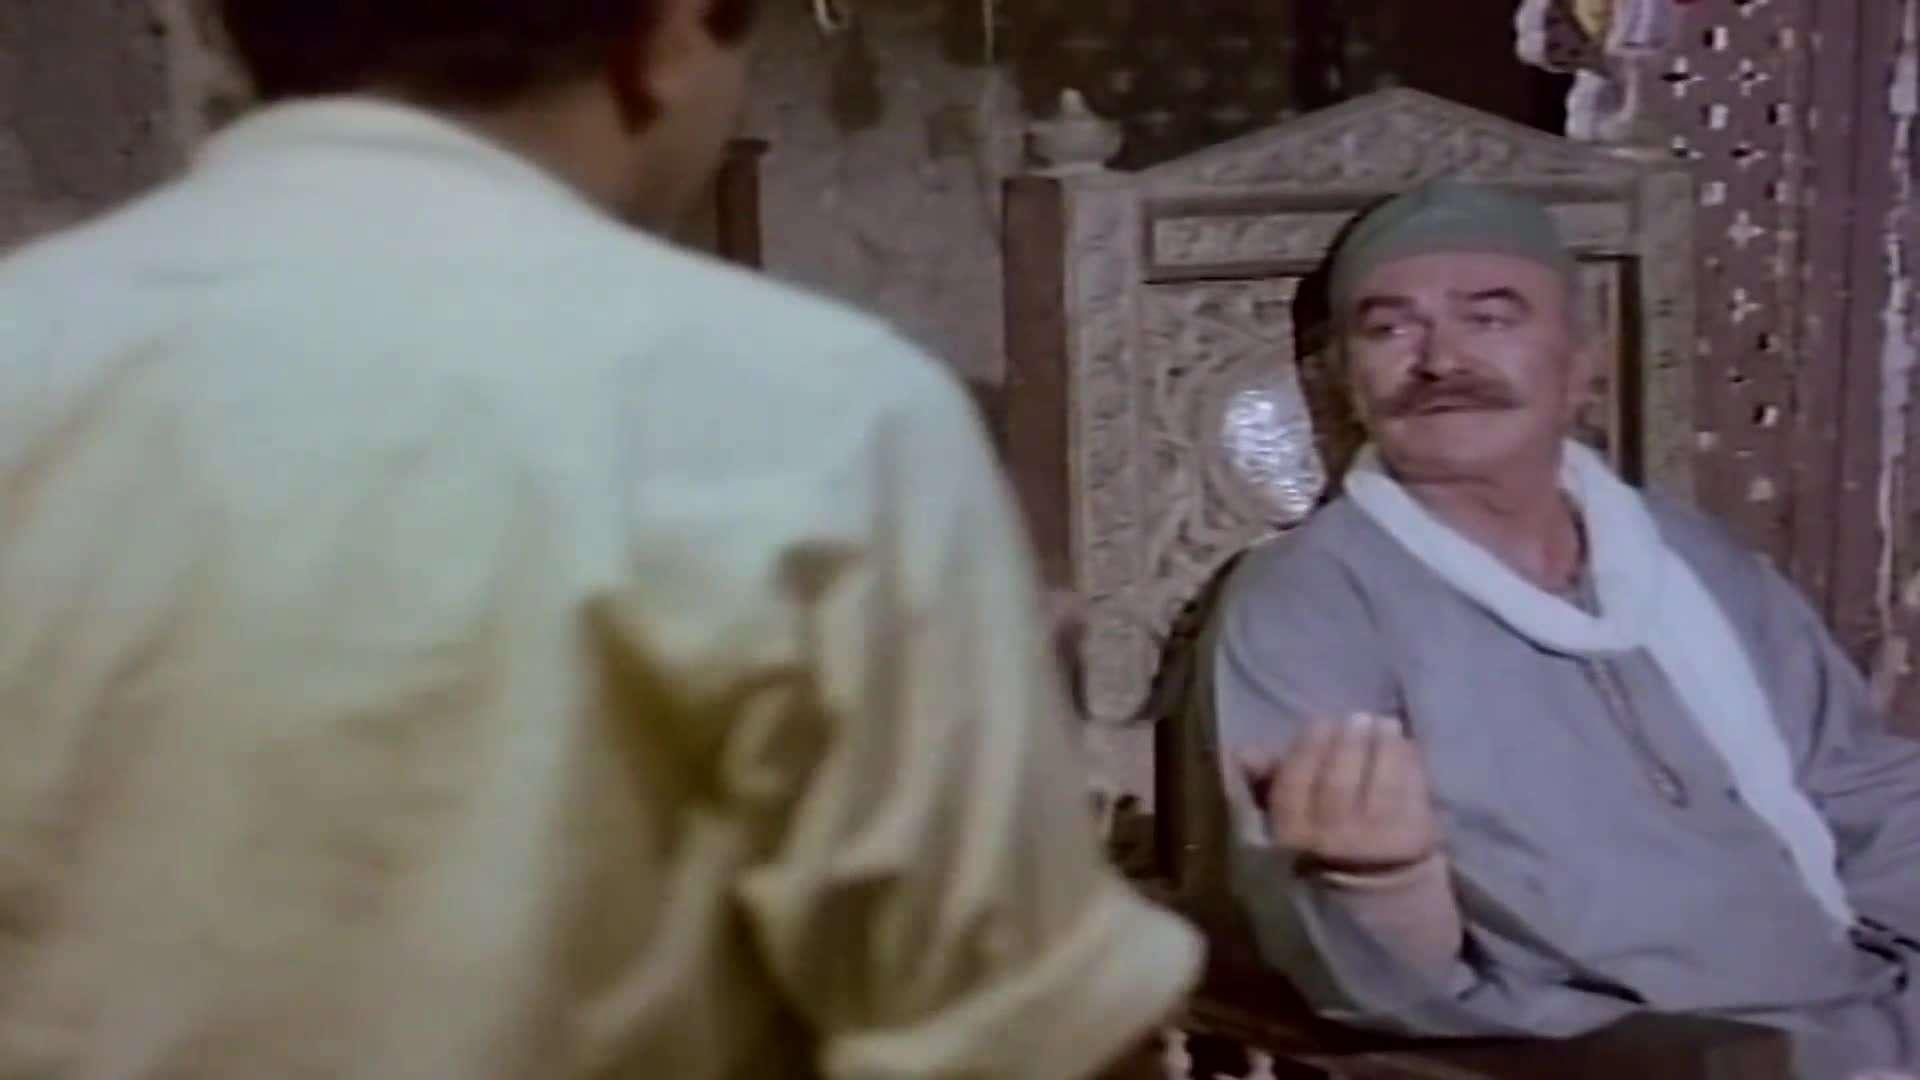 [فيلم][تورنت][تحميل][الشيطان يعظ][1981][1080p][Web-DL] 8 arabp2p.com